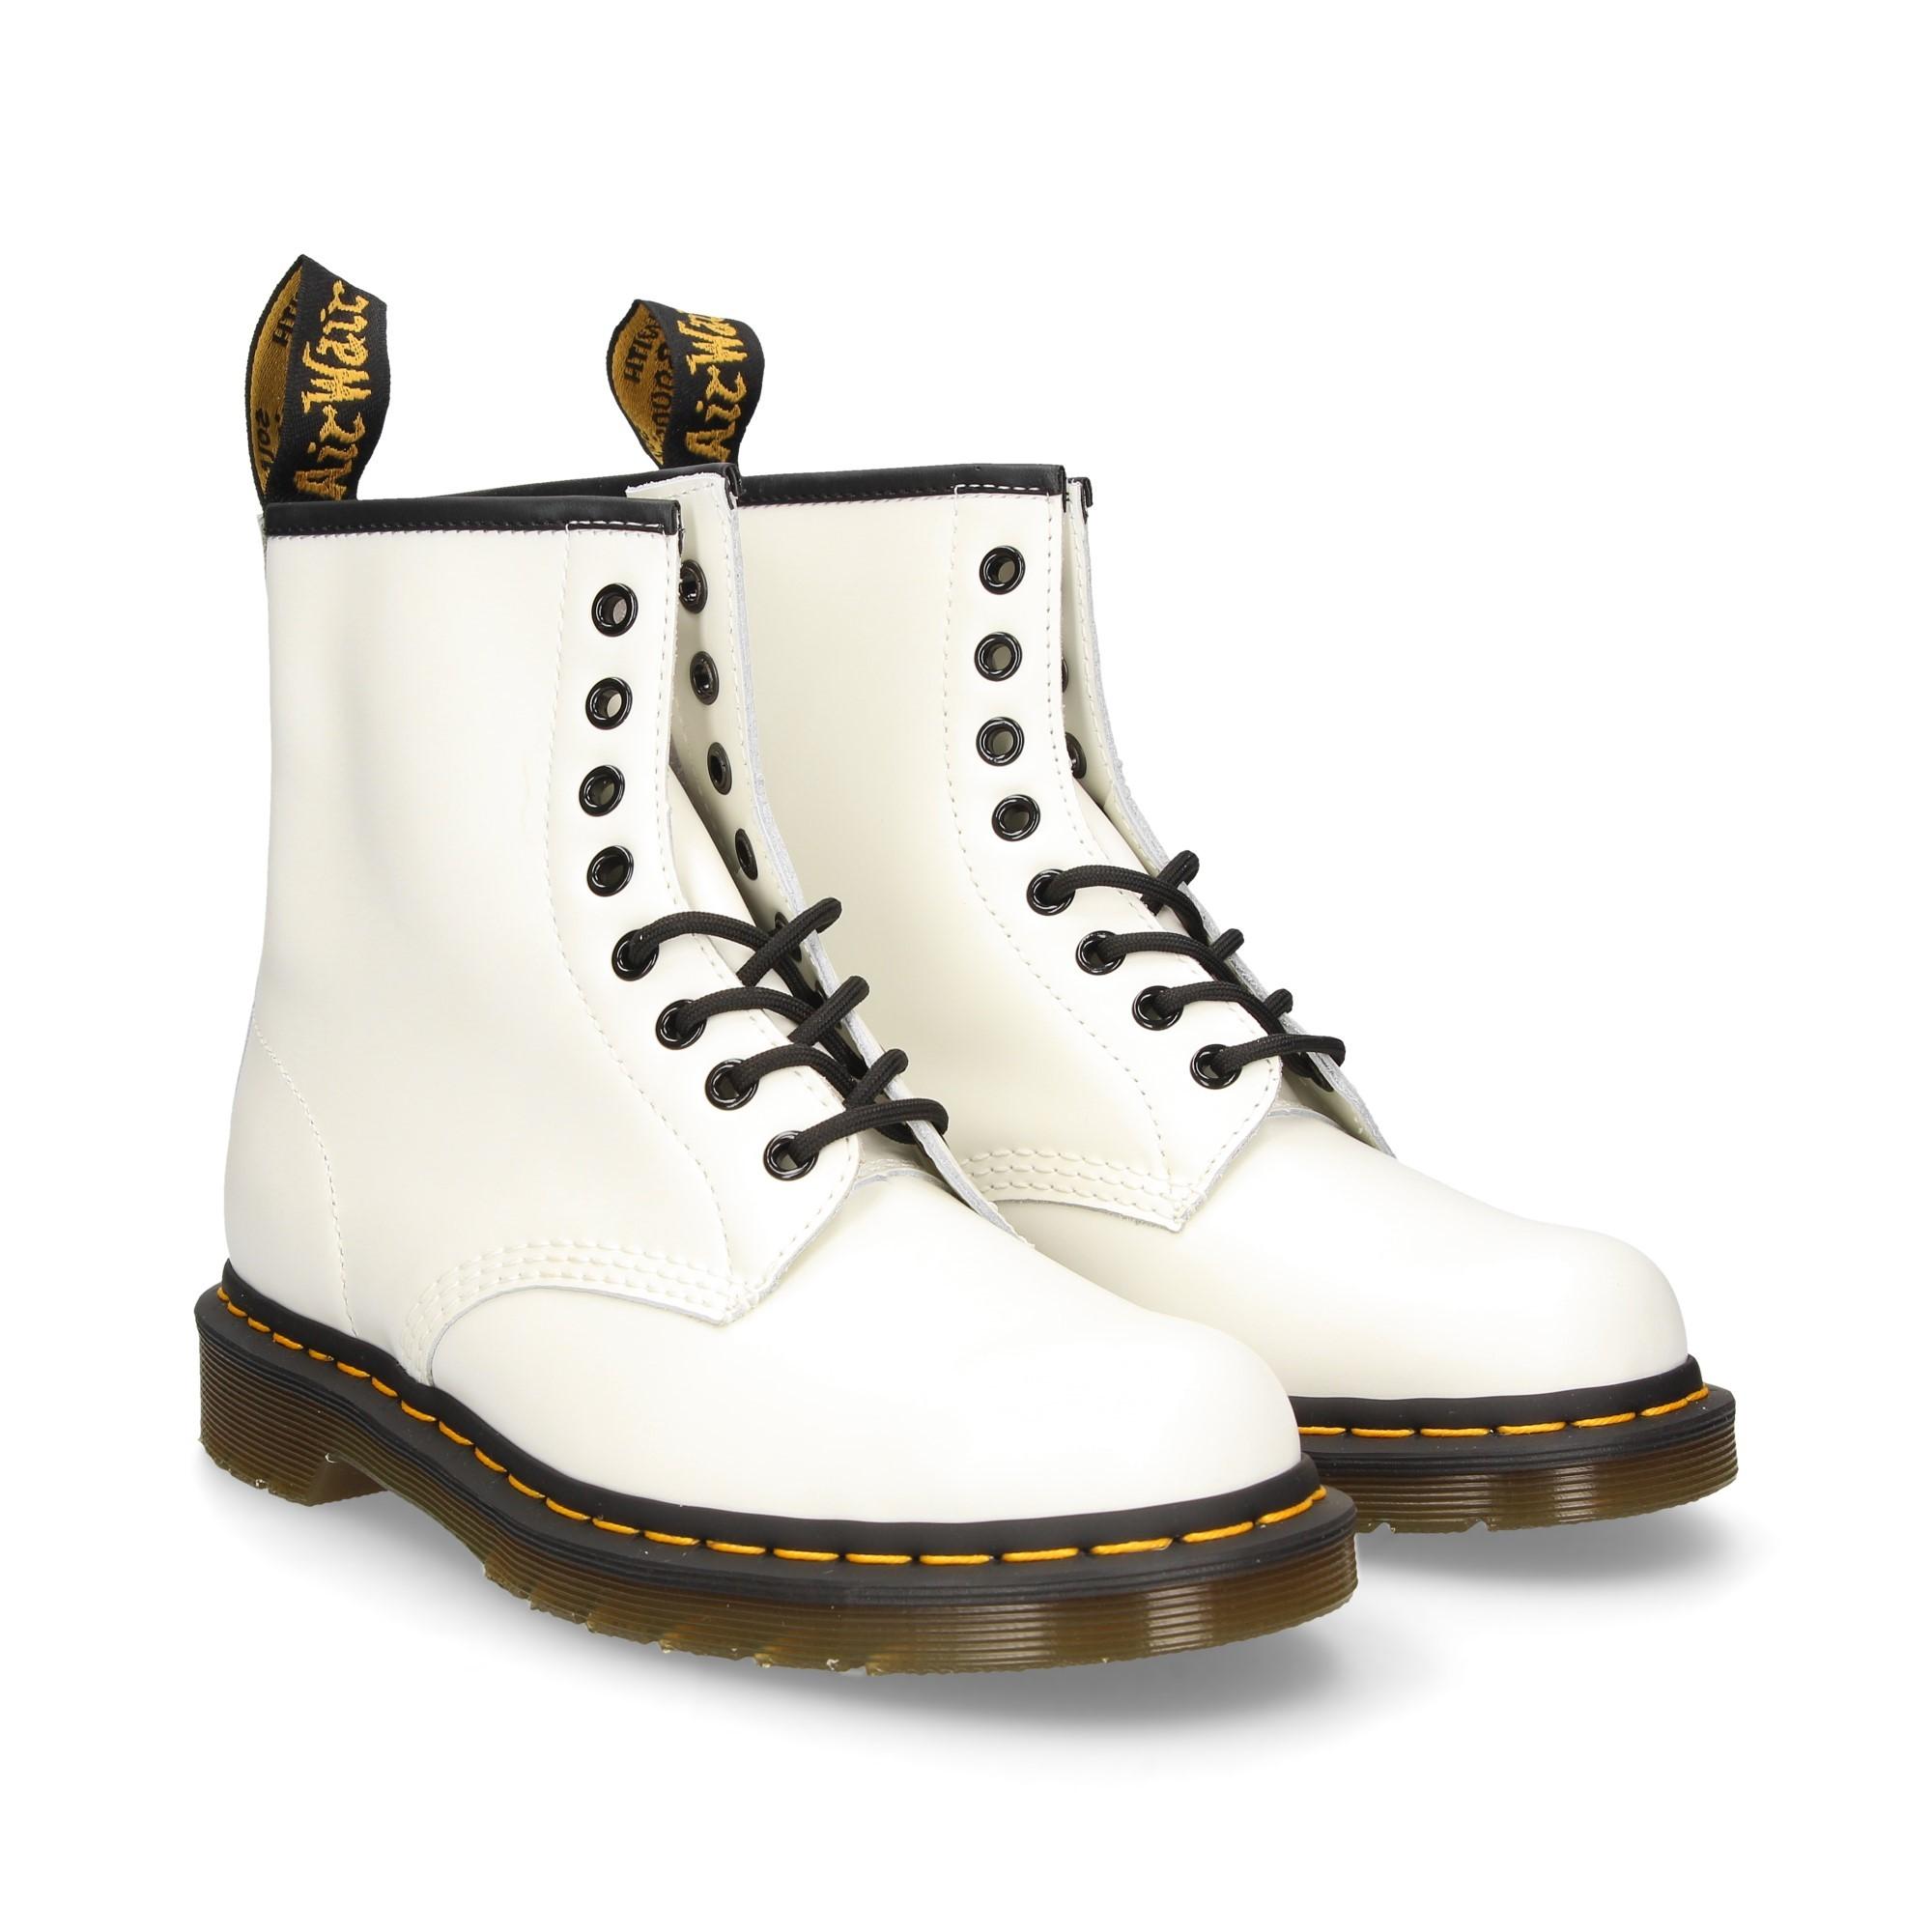 DR MARTENS Damen Flache Ankle boots 1460 BLANCO